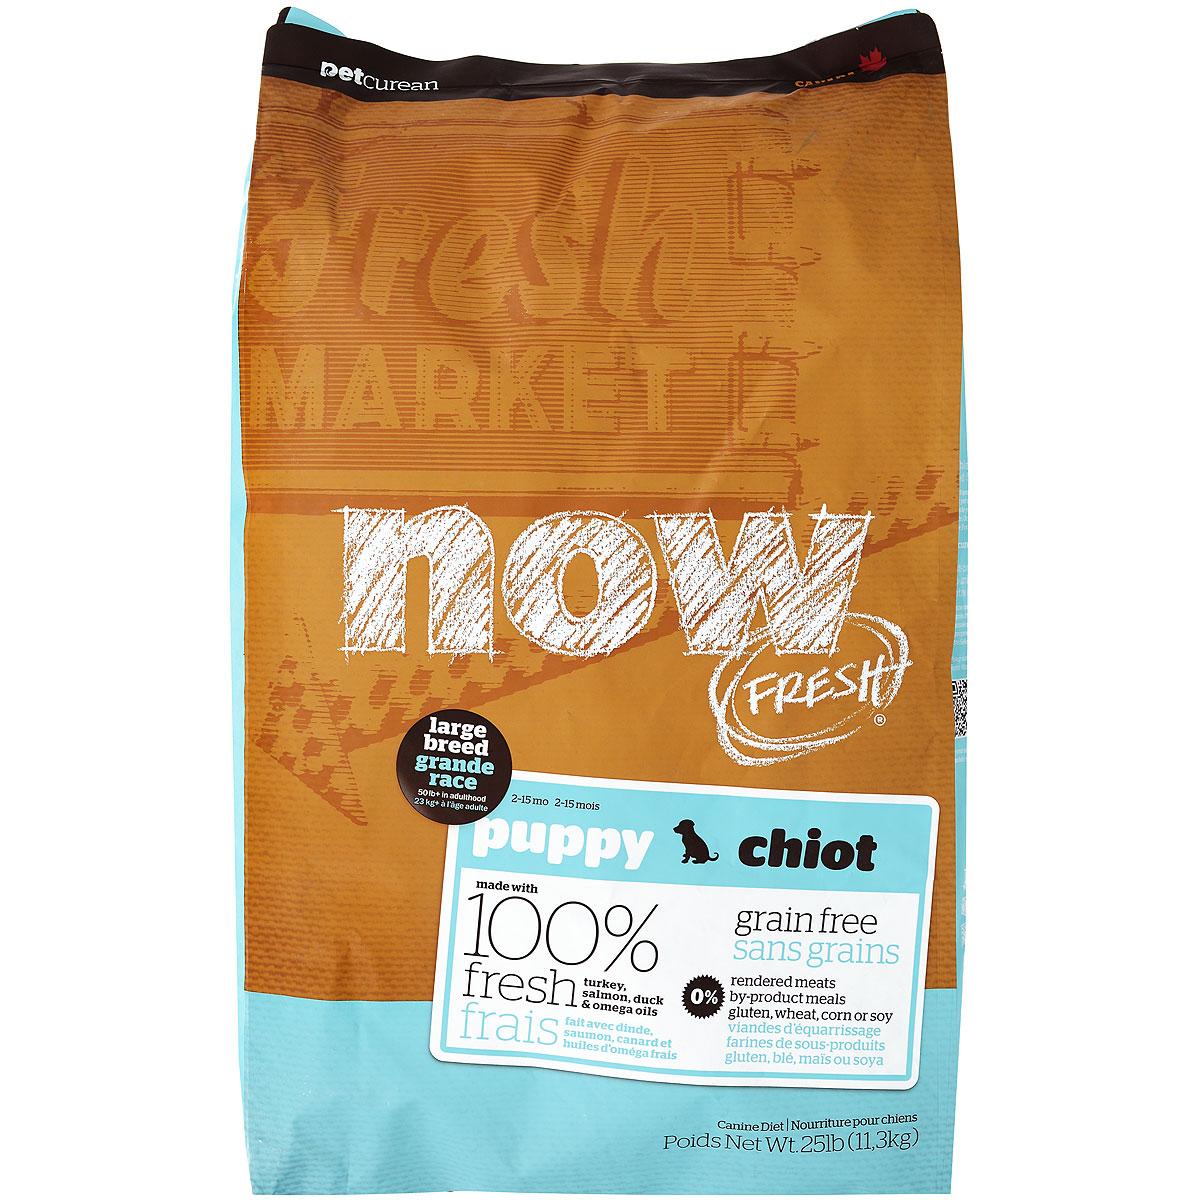 Корм сухой Now Fresh для крупных собак, беззерновой, с индейкой, уткой и овощами, 11,3 кг10115Now Fresh - полностью сбалансированный холистик корм для собак крупных пород от 2 до 15 месяцев из филе индейки, утки и лосося. Производится из свежего мясного филе, лучших овощей и сочных фруктов. Это первый беззерновой корм со сбалансированным содержание белков и жиров. Ключевые преимущества: - не содержит субпродуктов, красителей, говядины, мясных ингредиентов, выращенных на гормонах, - новозеландские зеленые мидии (глюкозамин и хондроитин) способствуют здоровью суставов, - L-карнитин и таурин необходимы для здоровья сердечно-сосудистой системы. L-карнитин активно участвует в сжигании жира, - пробиотики и пребиотики обеспечивают здоровое пищеварение, - омега-масла в составе необходимы для здоровой кожи и шерсти, - антиоксиданты укрепляют иммунную систему. Состав: филе индейки, свежие цельные яйца, картофель, горох, картофельная мука, натуральный ароматизатор, утиное филе, филе лосося, тапиока, льняное масло,...